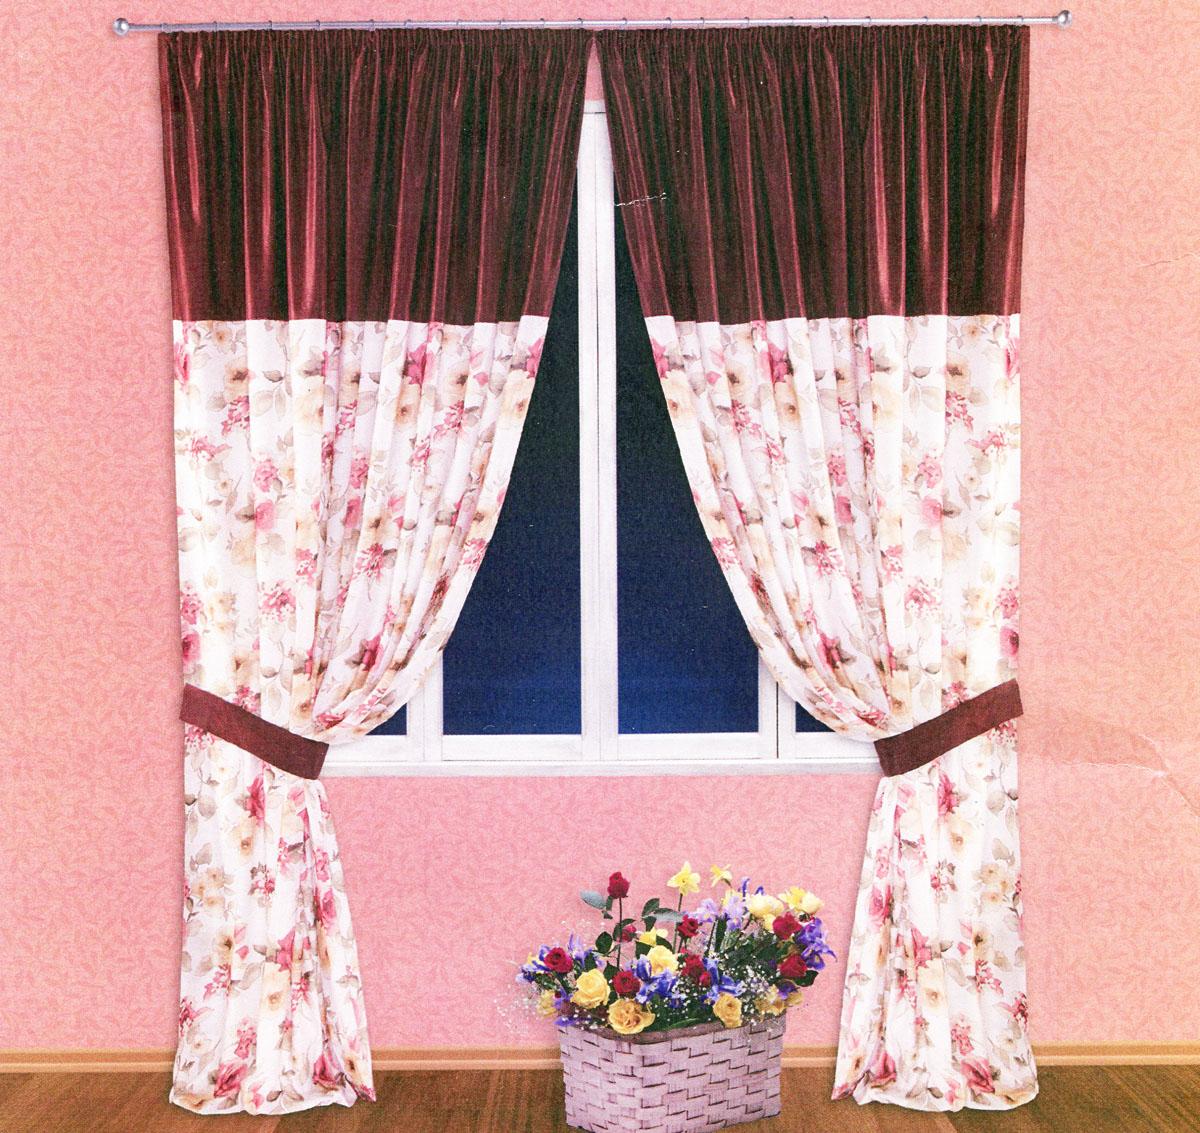 Комплект штор Zlata Korunka, на ленте, цвет: бордовый, высота 250 см. 5552155521Роскошный комплект тюлевых штор Zlata Korunka, выполненный из сатина (100% полиэстера), великолепно украсит любое окно. Комплект состоит из двух портьер и двух подхватов. Плотная ткань, цветочный принт и приятная, приглушенная гамма привлекут к себе внимание и органично впишутся в интерьер помещения. Комплект крепится на карниз при помощи шторной ленты, которая поможет красиво и равномерно задрапировать верх. Портьеры можно зафиксировать в одном положении с помощью двух подхватов. Этот комплект будет долгое время радовать вас и вашу семью! В комплект входит: Портьера: 2 шт. Размер (ШхВ): 200 см х 250 см. Подхват: 2 шт. Размер (ШхВ): 60 см х 10 см.